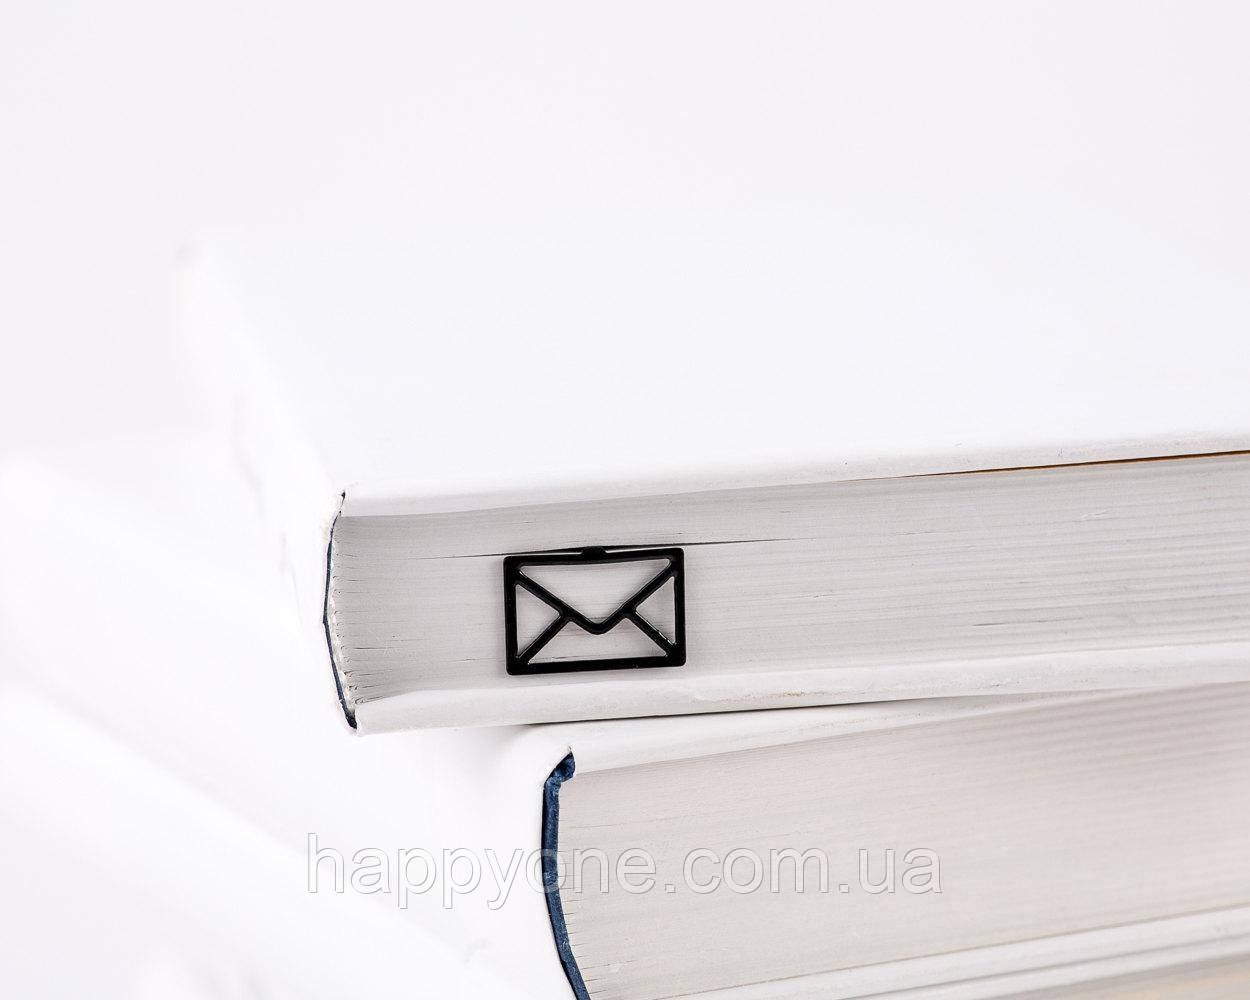 Закладка для книг Конверт